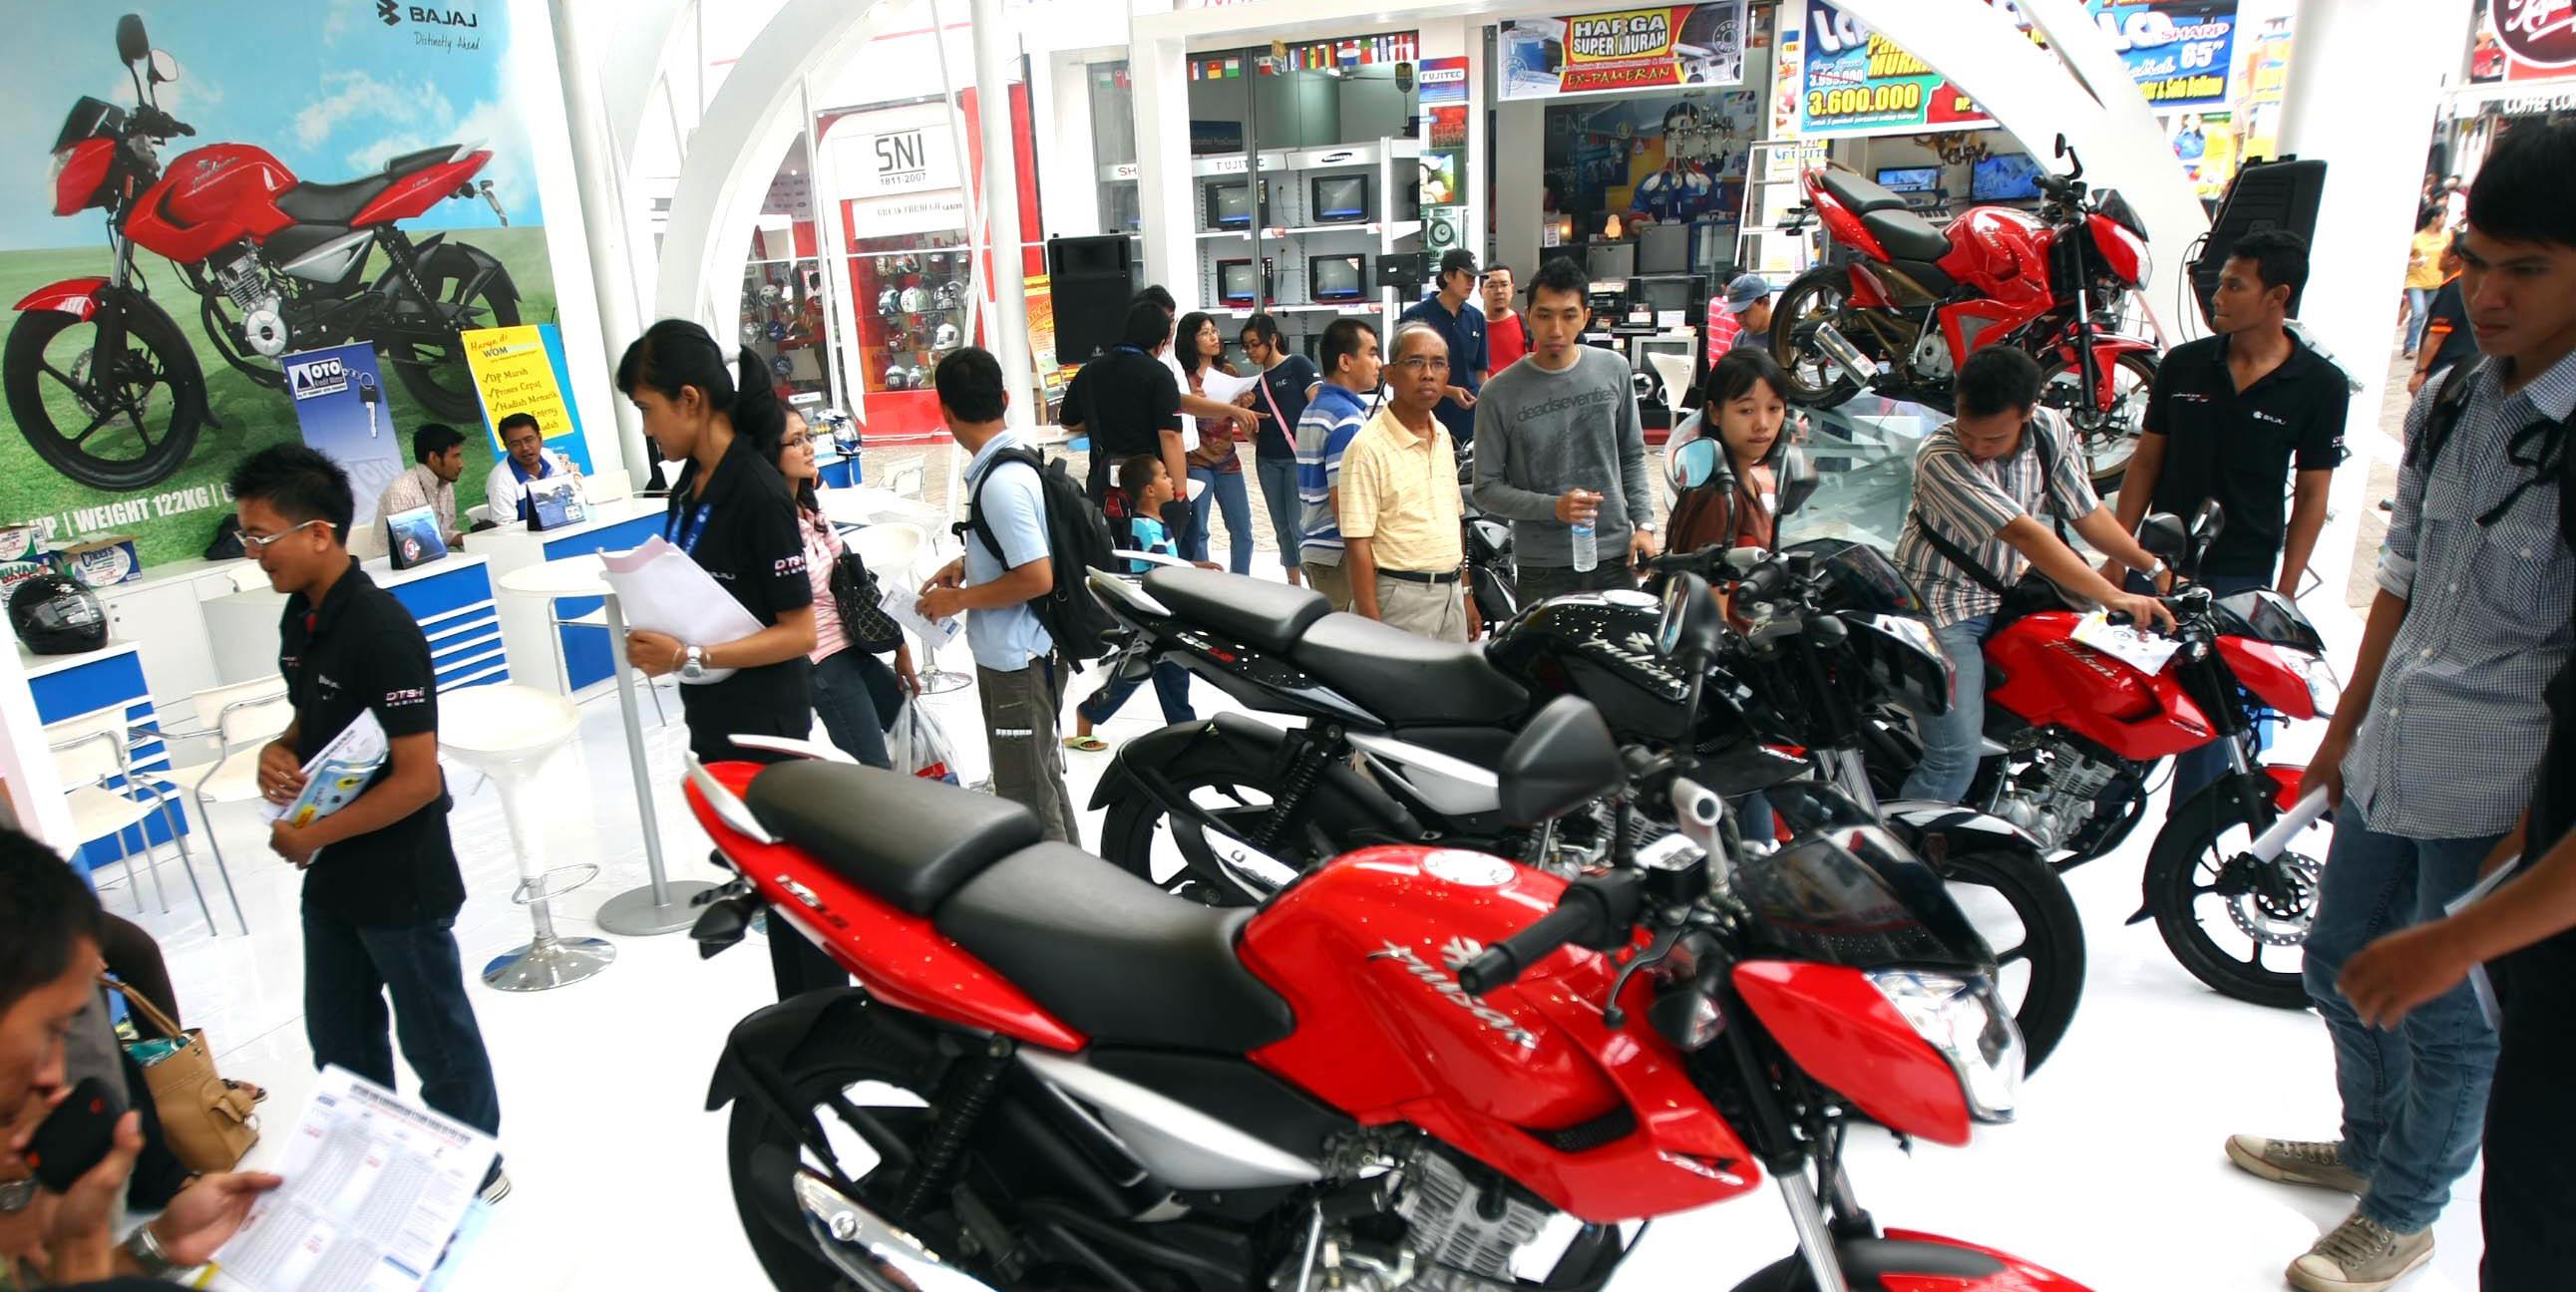 Kredit Sepeda Motor Penyebab Tingginya Angka Kemiskinan?